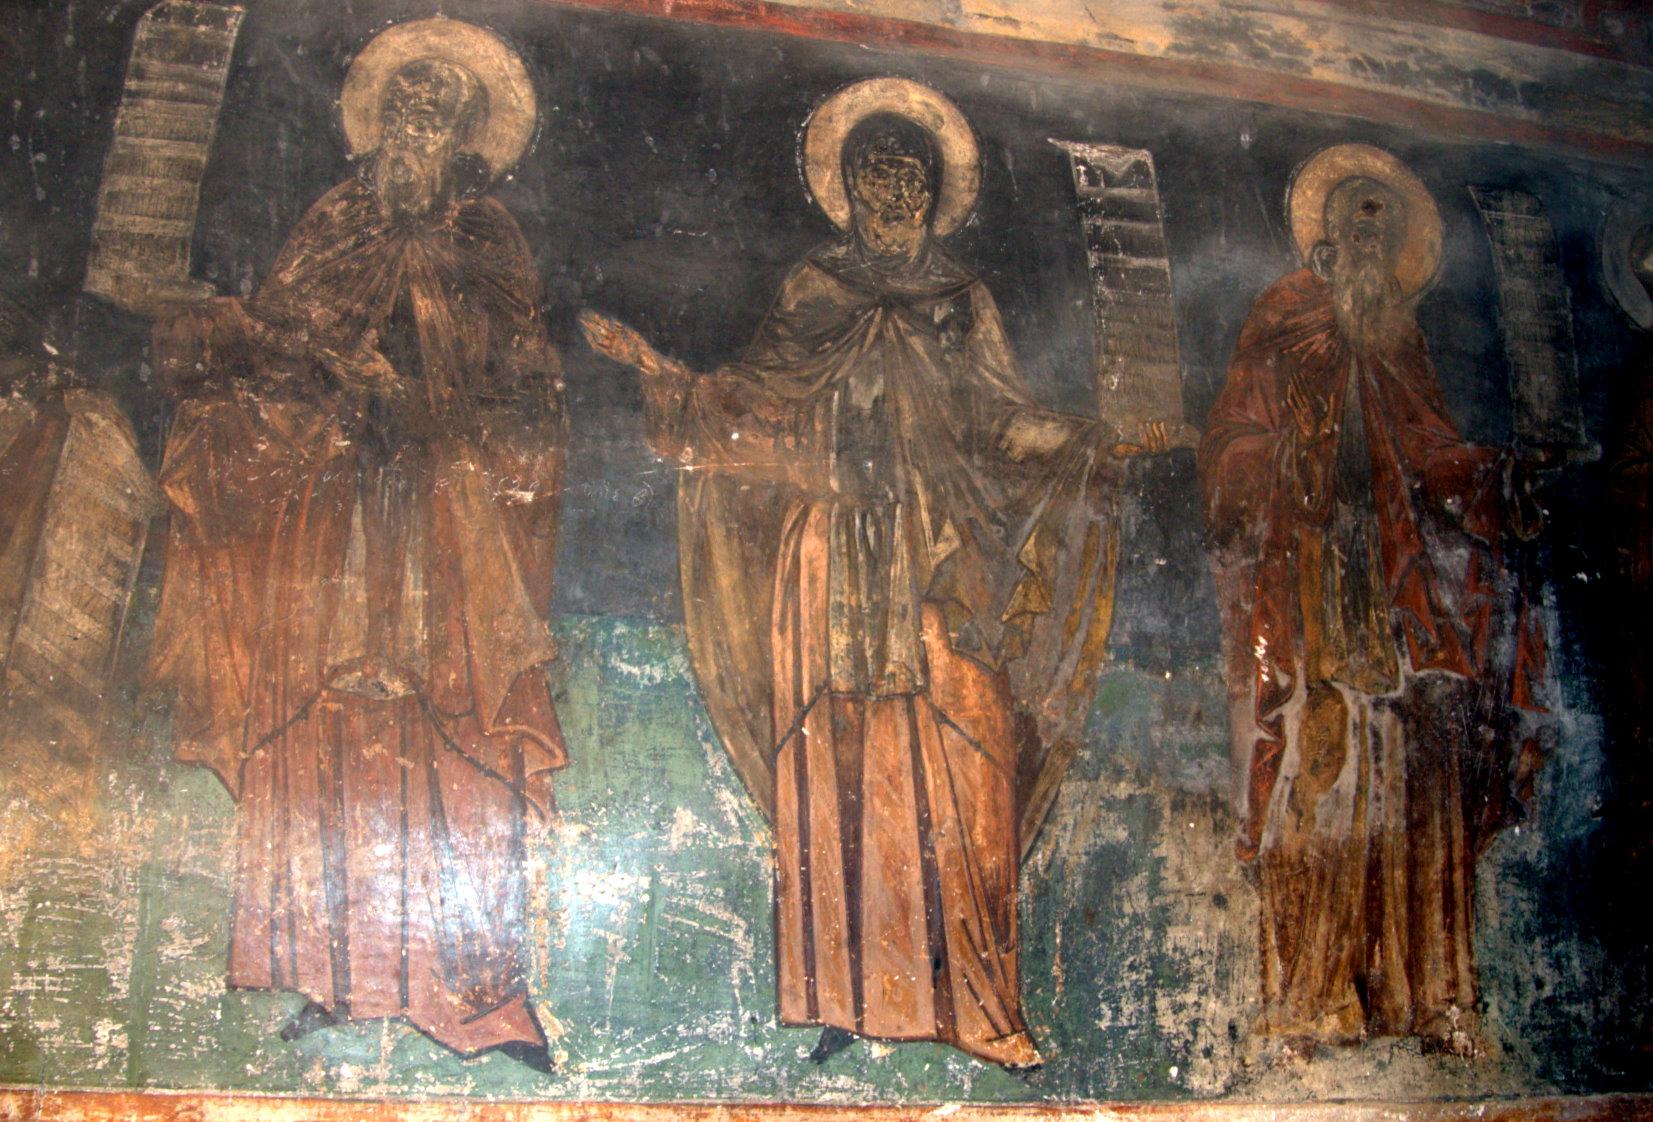 biserica_bogdana_interior_7